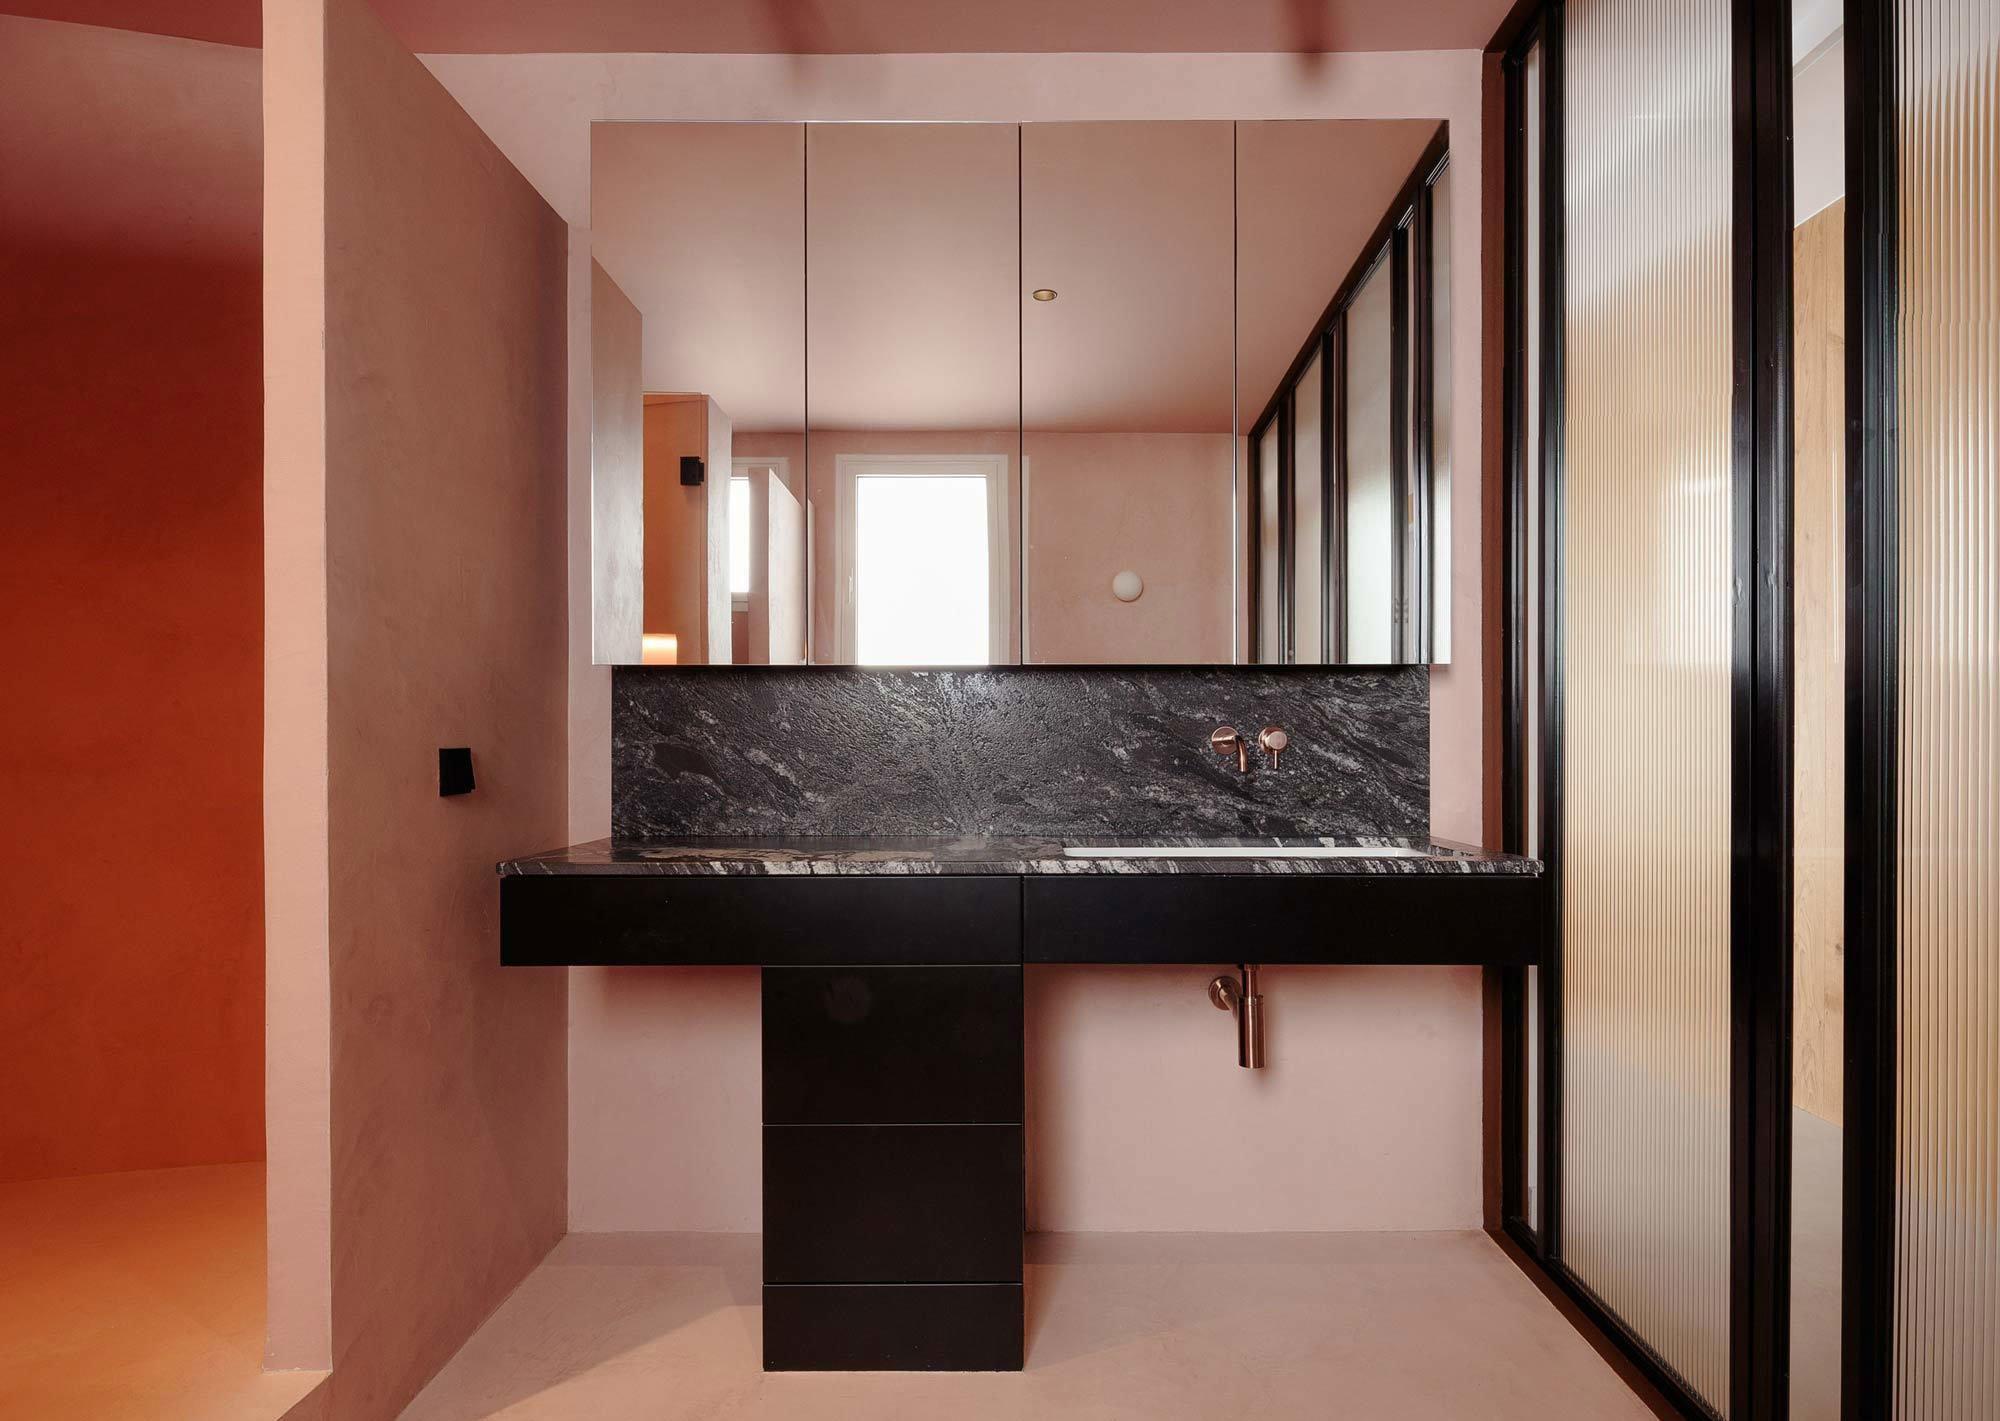 Schwarzer Marmor kann einen bewegten Kontrast bilden zu einer ansonsten reduzierten Umgebung – wie in dem Projekt Atic Aribau von Raúl Sánchez in Barcelona. Foto: David Zarzoso